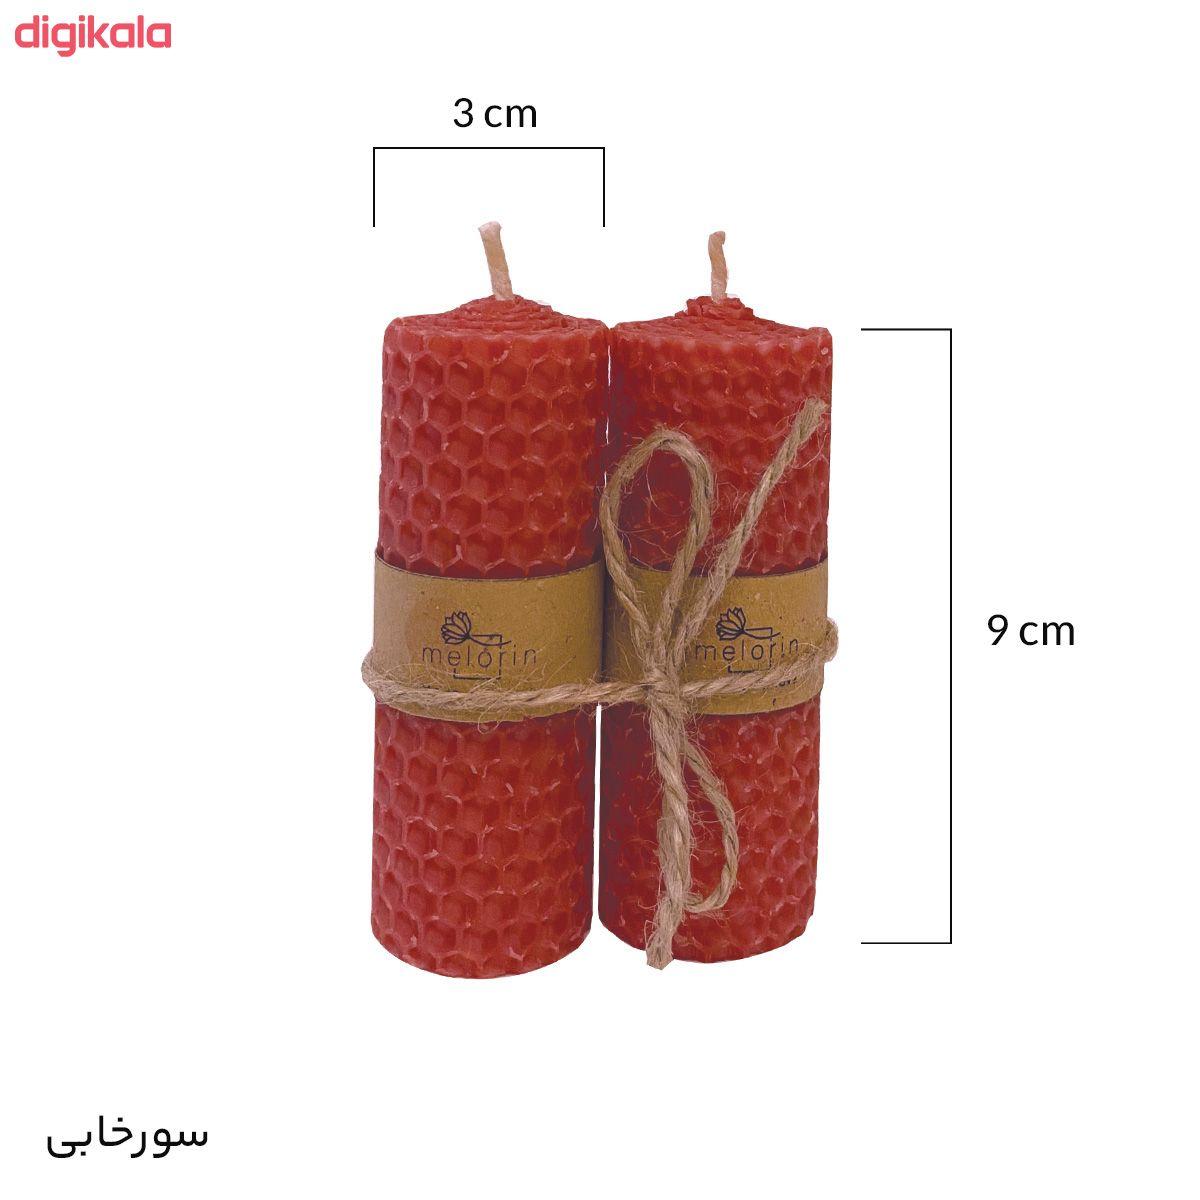 شمع ملورین کد M0010 بسته ۲ عددی main 1 2